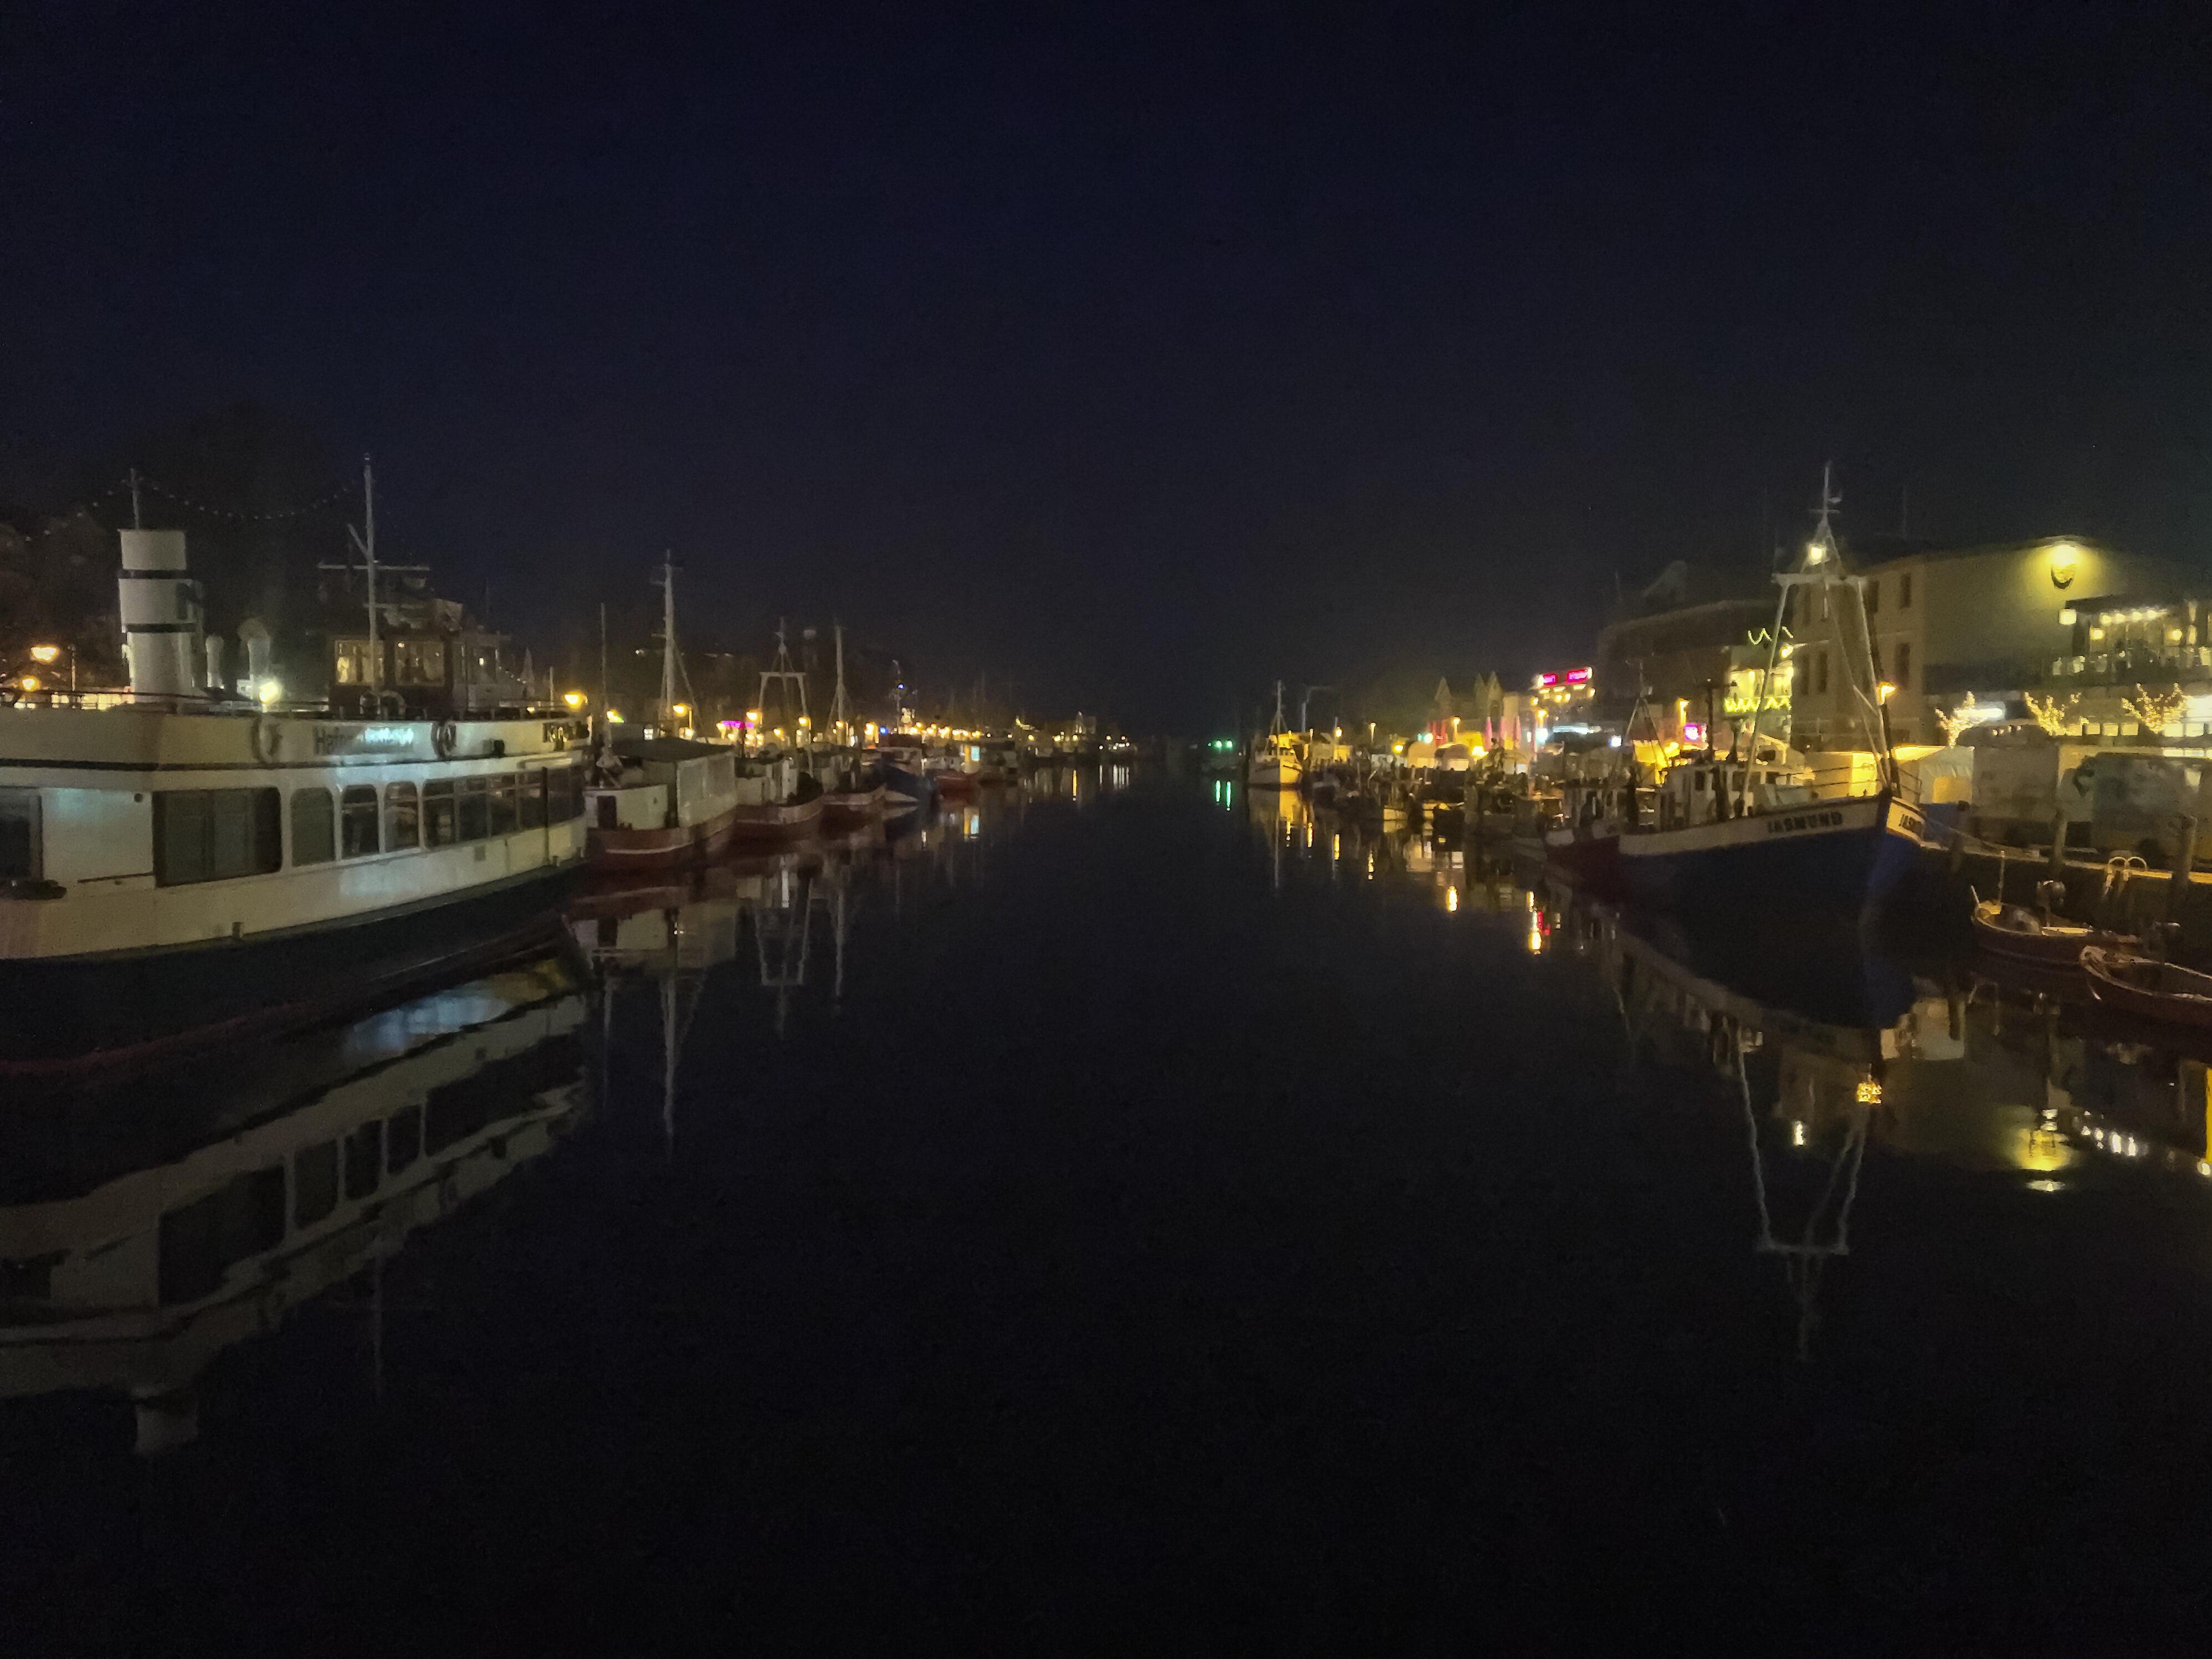 Alter Strom Warnemünde bei Dunkelheit. Schiffe und Leuchtreklamen spiegeln sich im glatten Wasser.